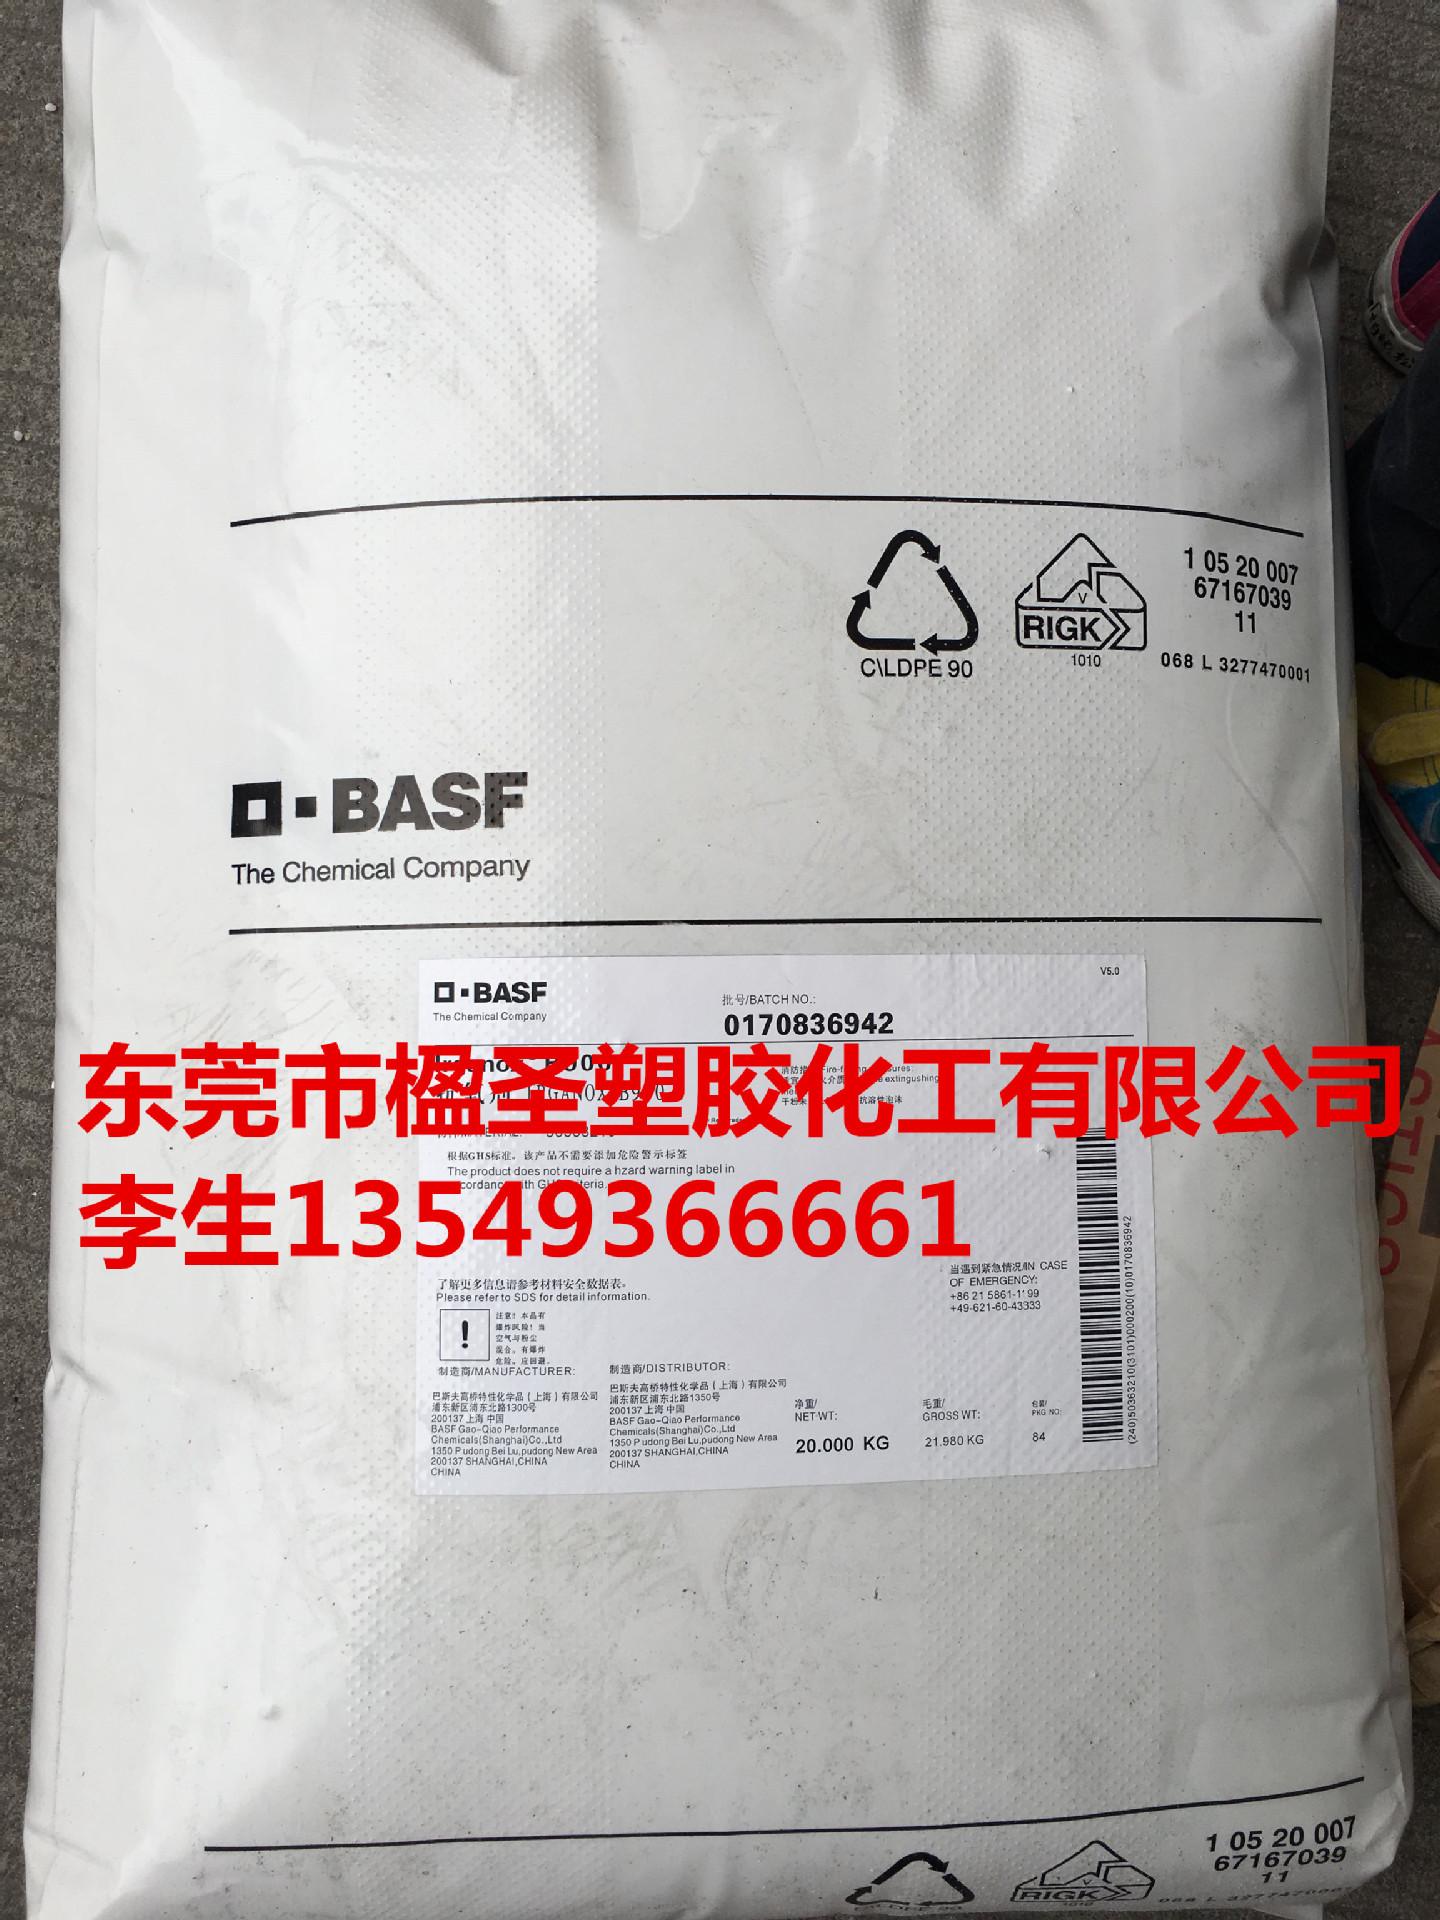 德国进口光降解母粒/加入PE/PP/塑料使用/吹膜/挤出/注塑降解剂